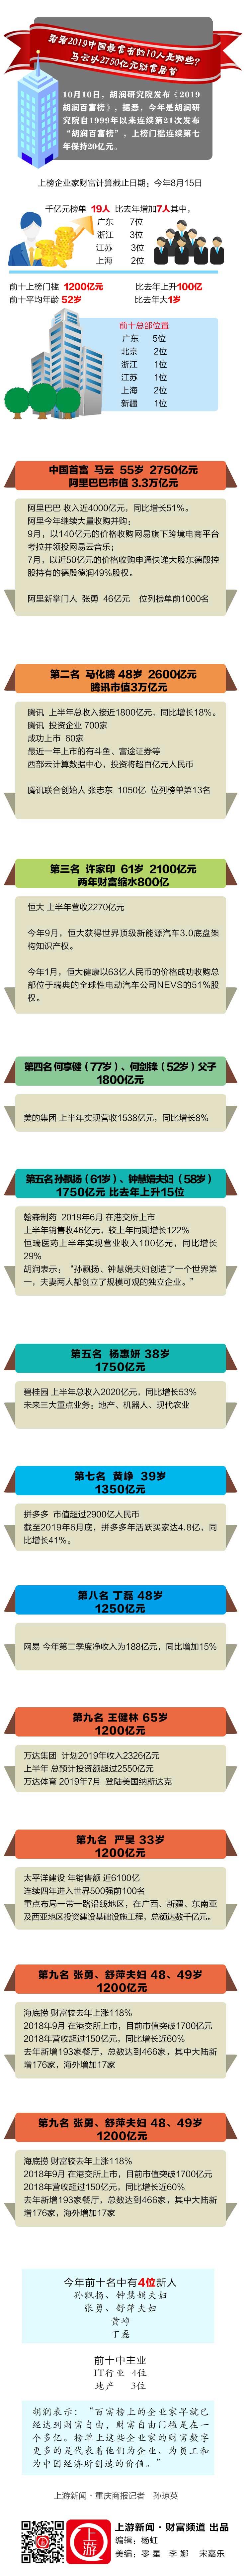 2E3E6280-7C7D-4CD3-BAC9-4C4EA53D11E2.jpeg